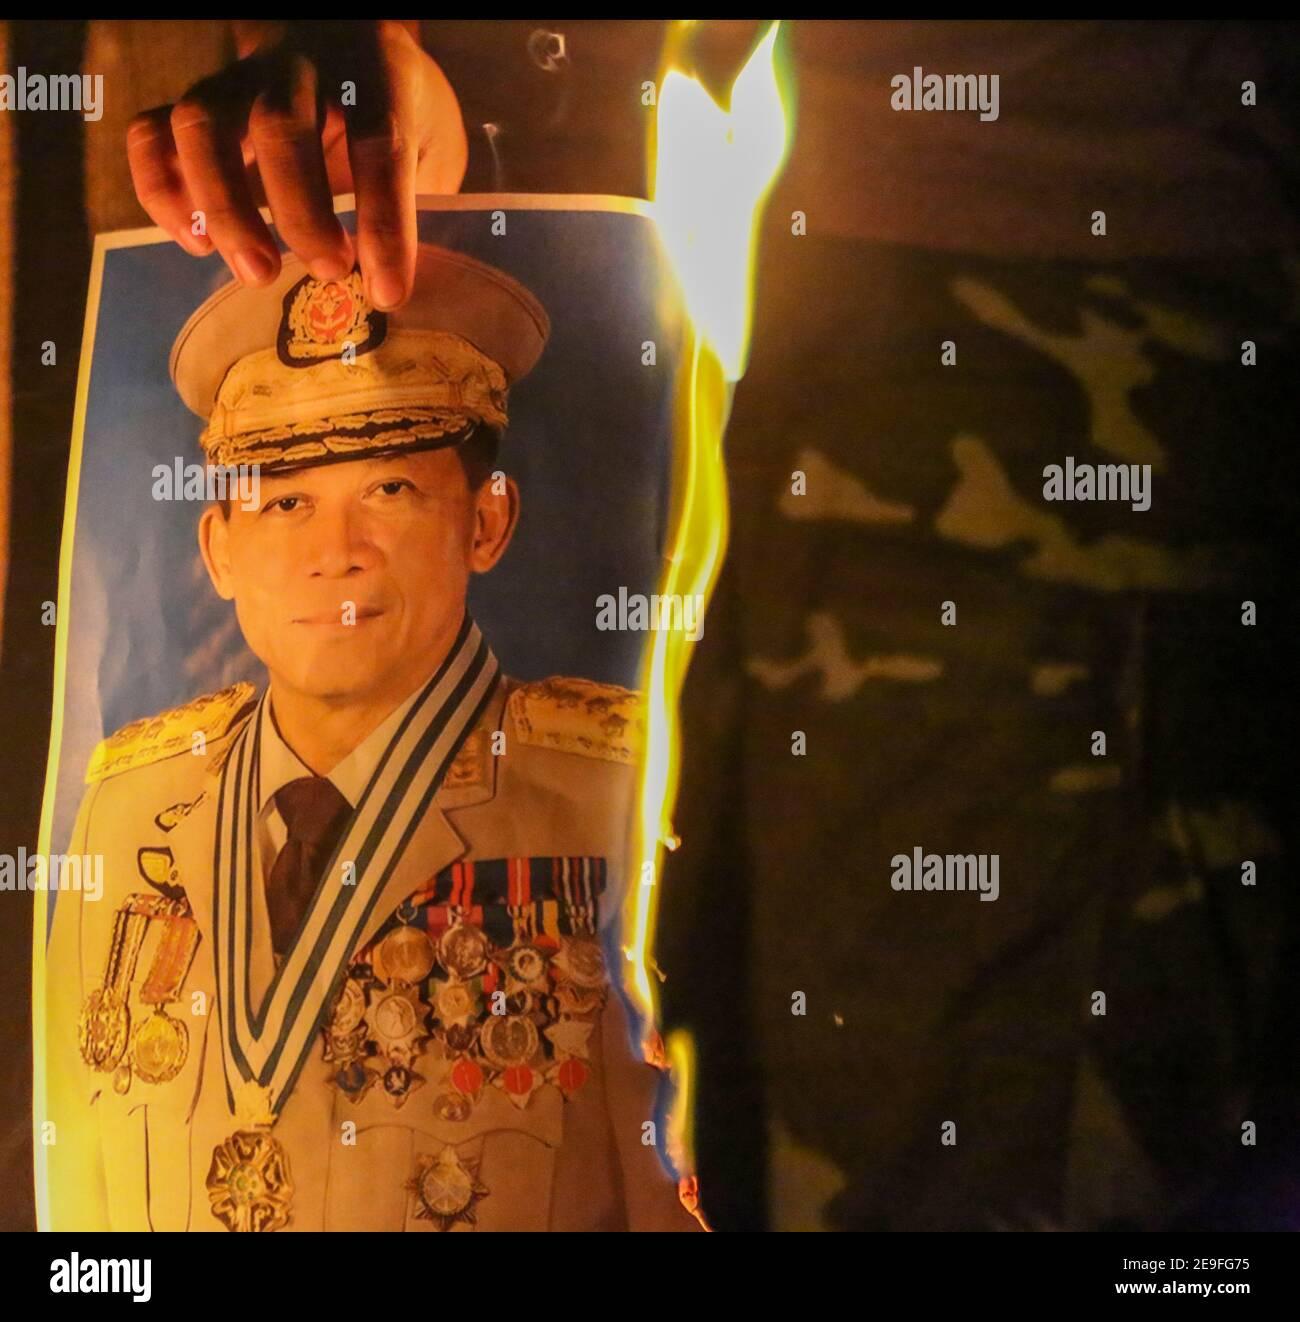 Portrait en feu du commandant en chef de l'armée birmane min Aung Hlaing pour protester contre le coup d'État militaire.l'armée du Myanmar est détenue par le conseiller d'État du Myanmar Aung San Suu Kyi le 01 février, 2021 et a déclaré l'état d'urgence tout en prenant le pouvoir dans le pays pendant un an après avoir perdu l'élection contre la Ligue nationale pour la démocratie (NLD). Banque D'Images